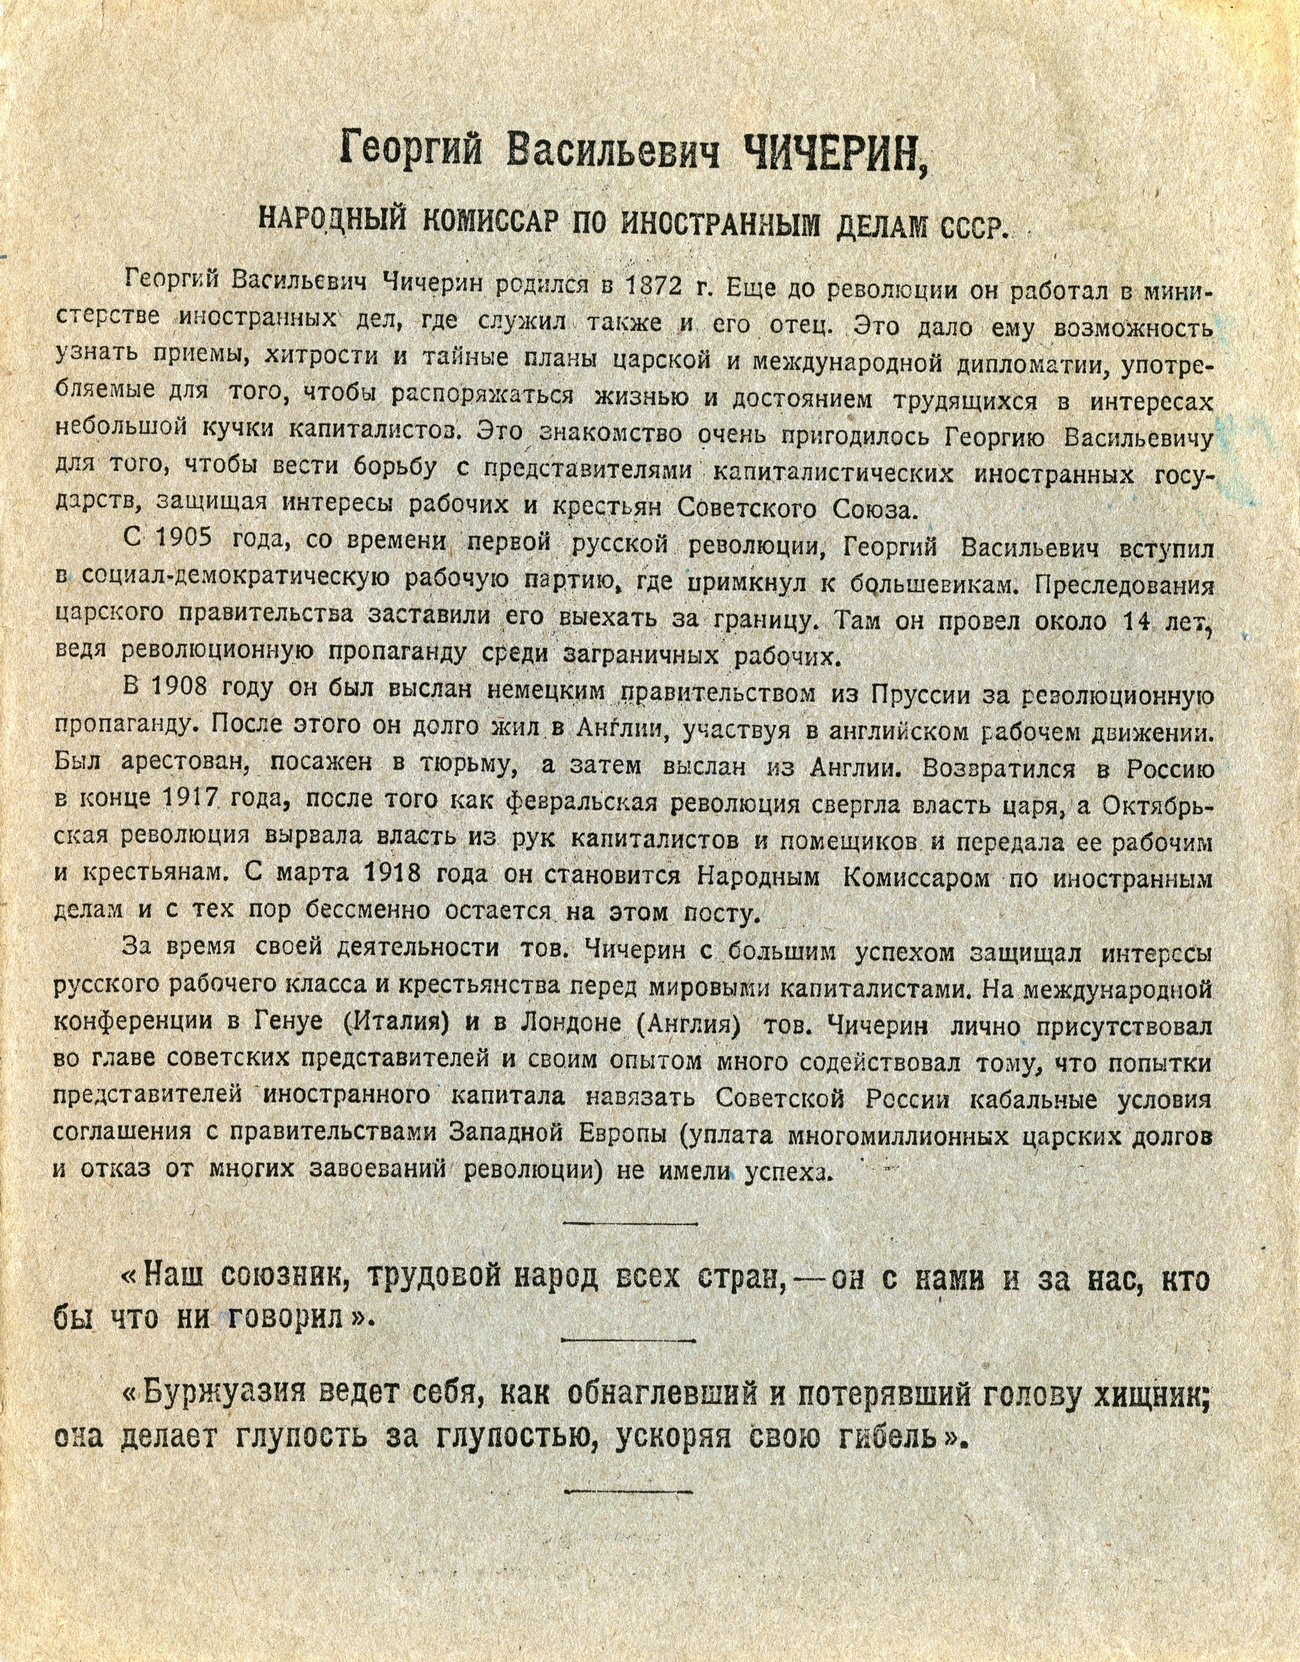 """Тетрадь """"Чечерин"""", 1926, стр. 2"""